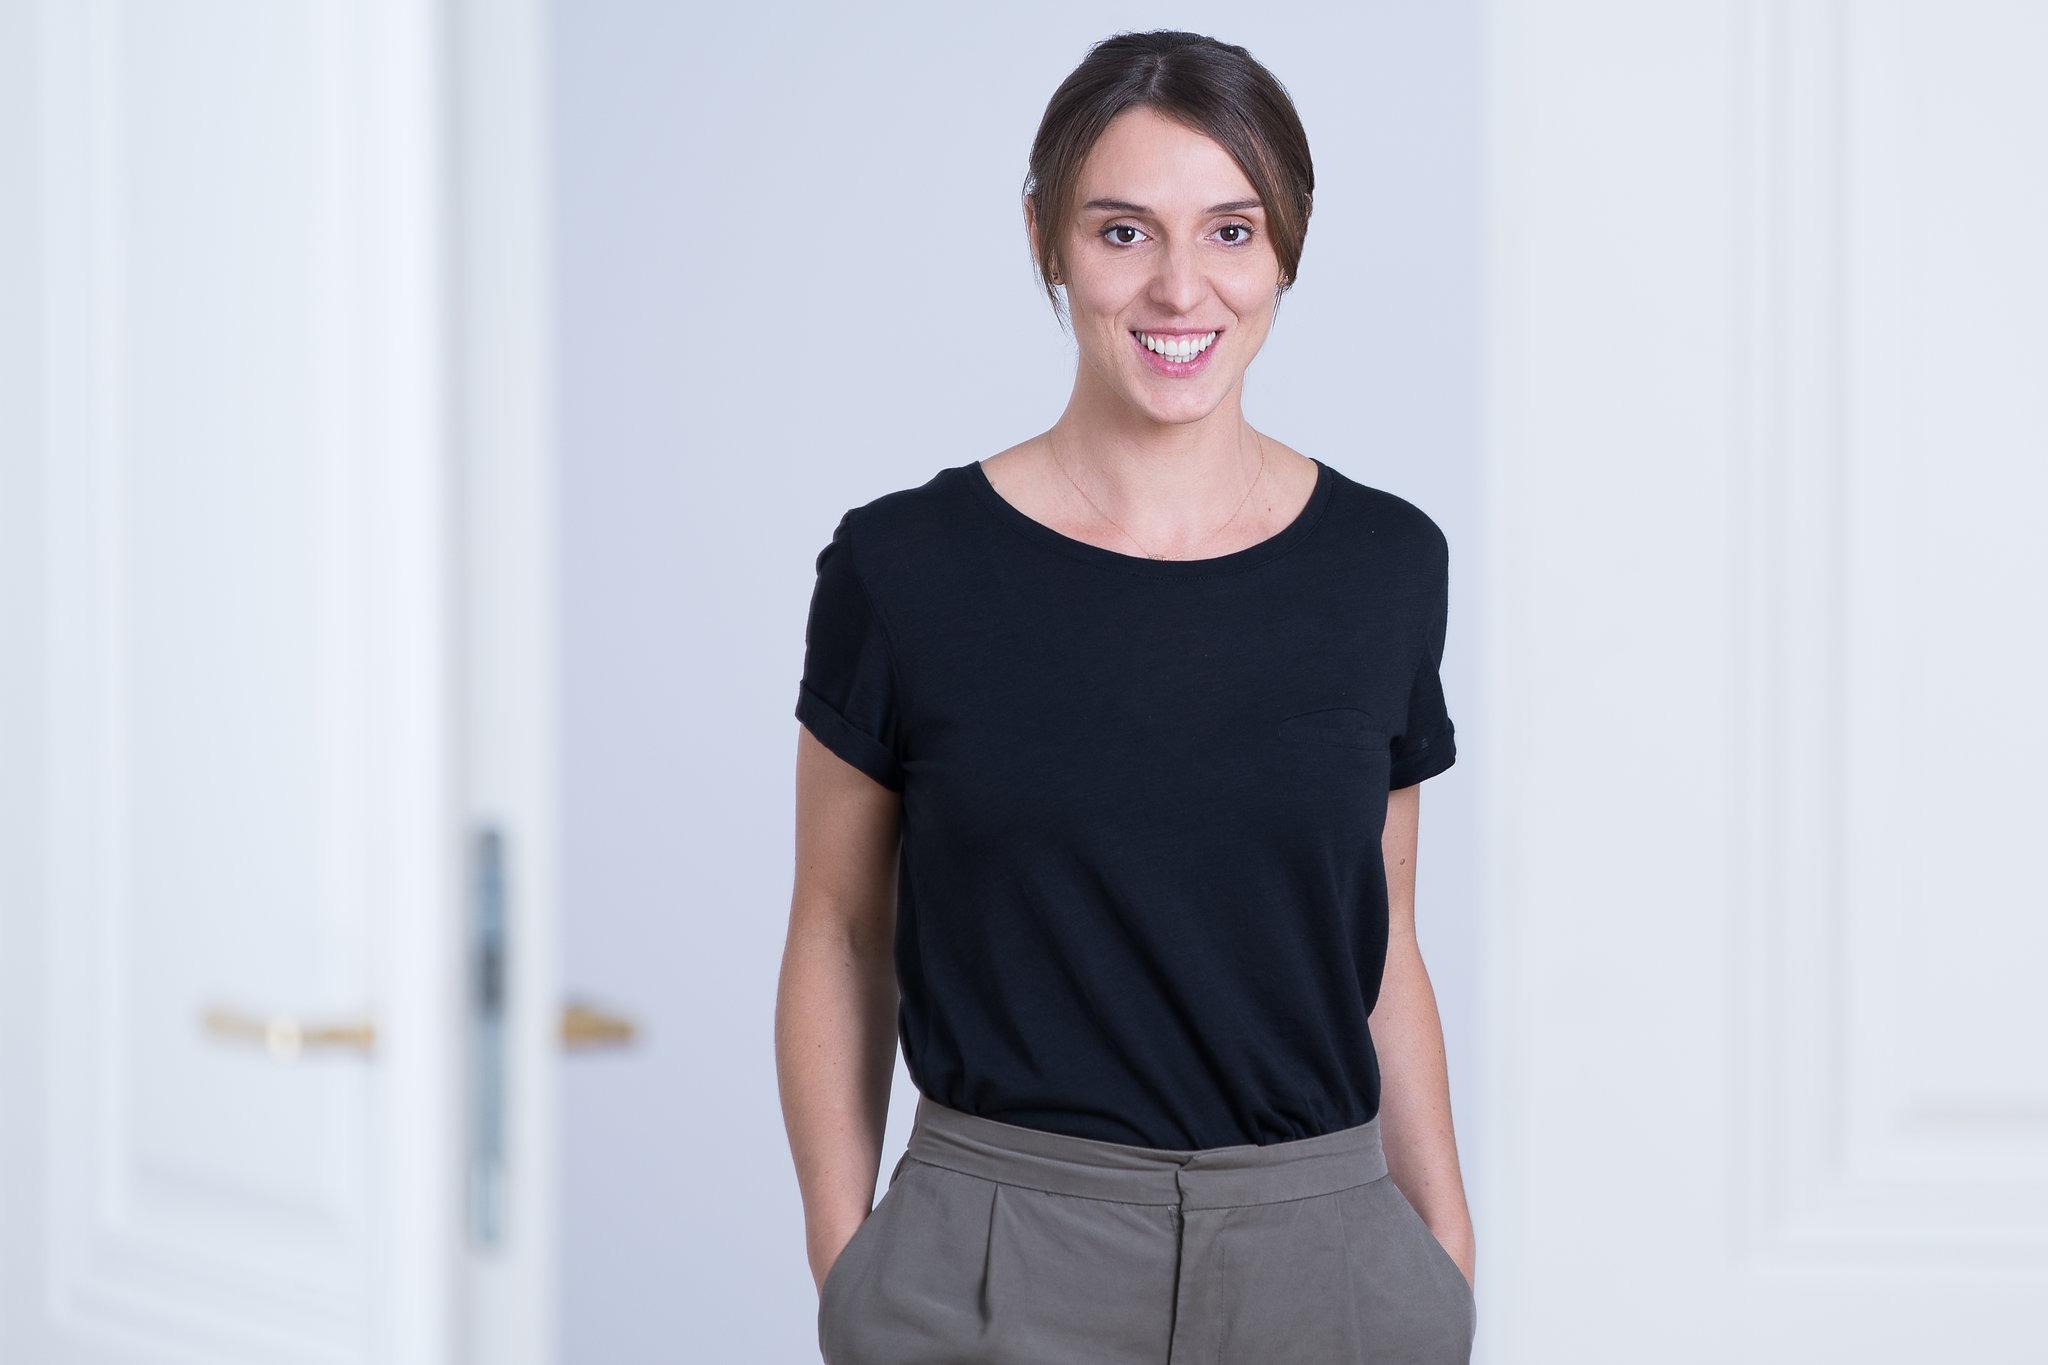 Sonja Jovanovic Expertin 360-Grad-Feedback Employee Experience